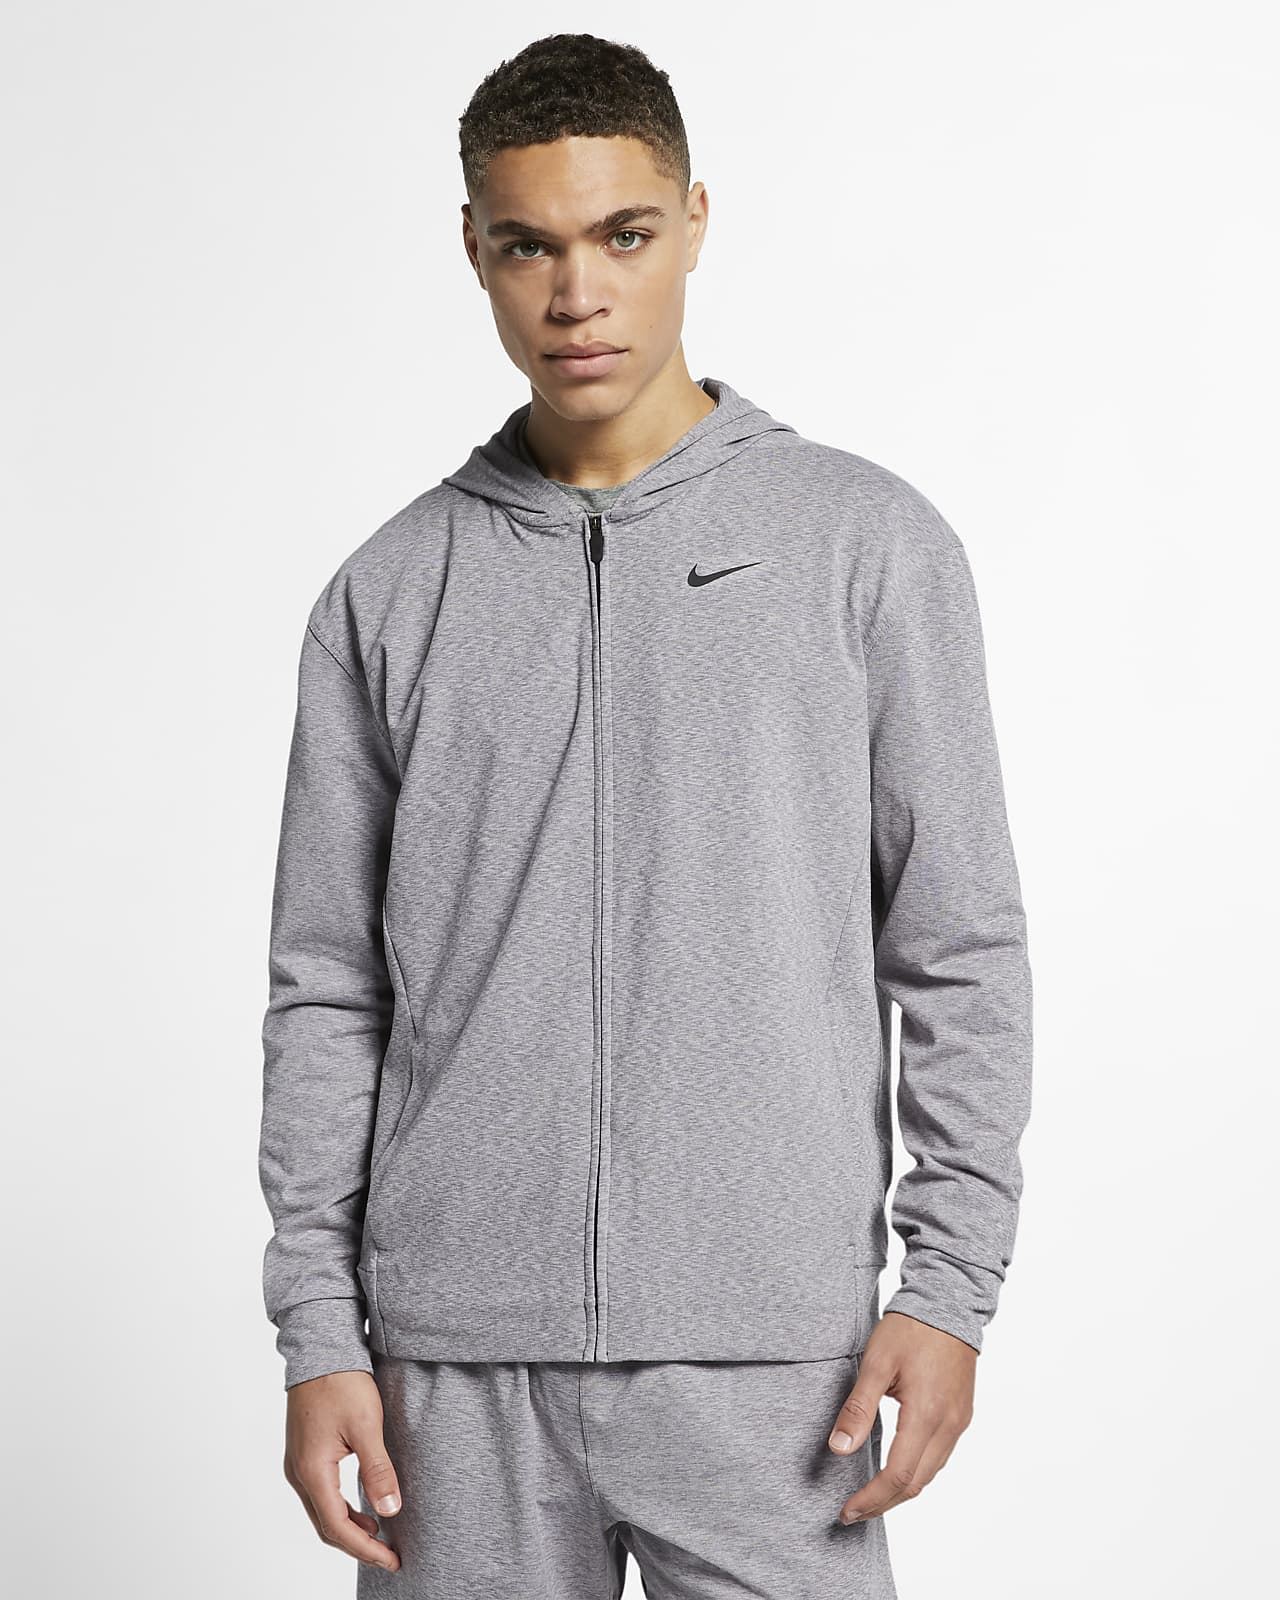 Ανδρική μπλούζα προπόνησης γιόγκα με κουκούλα και φερμουάρ Nike Dri-FIT